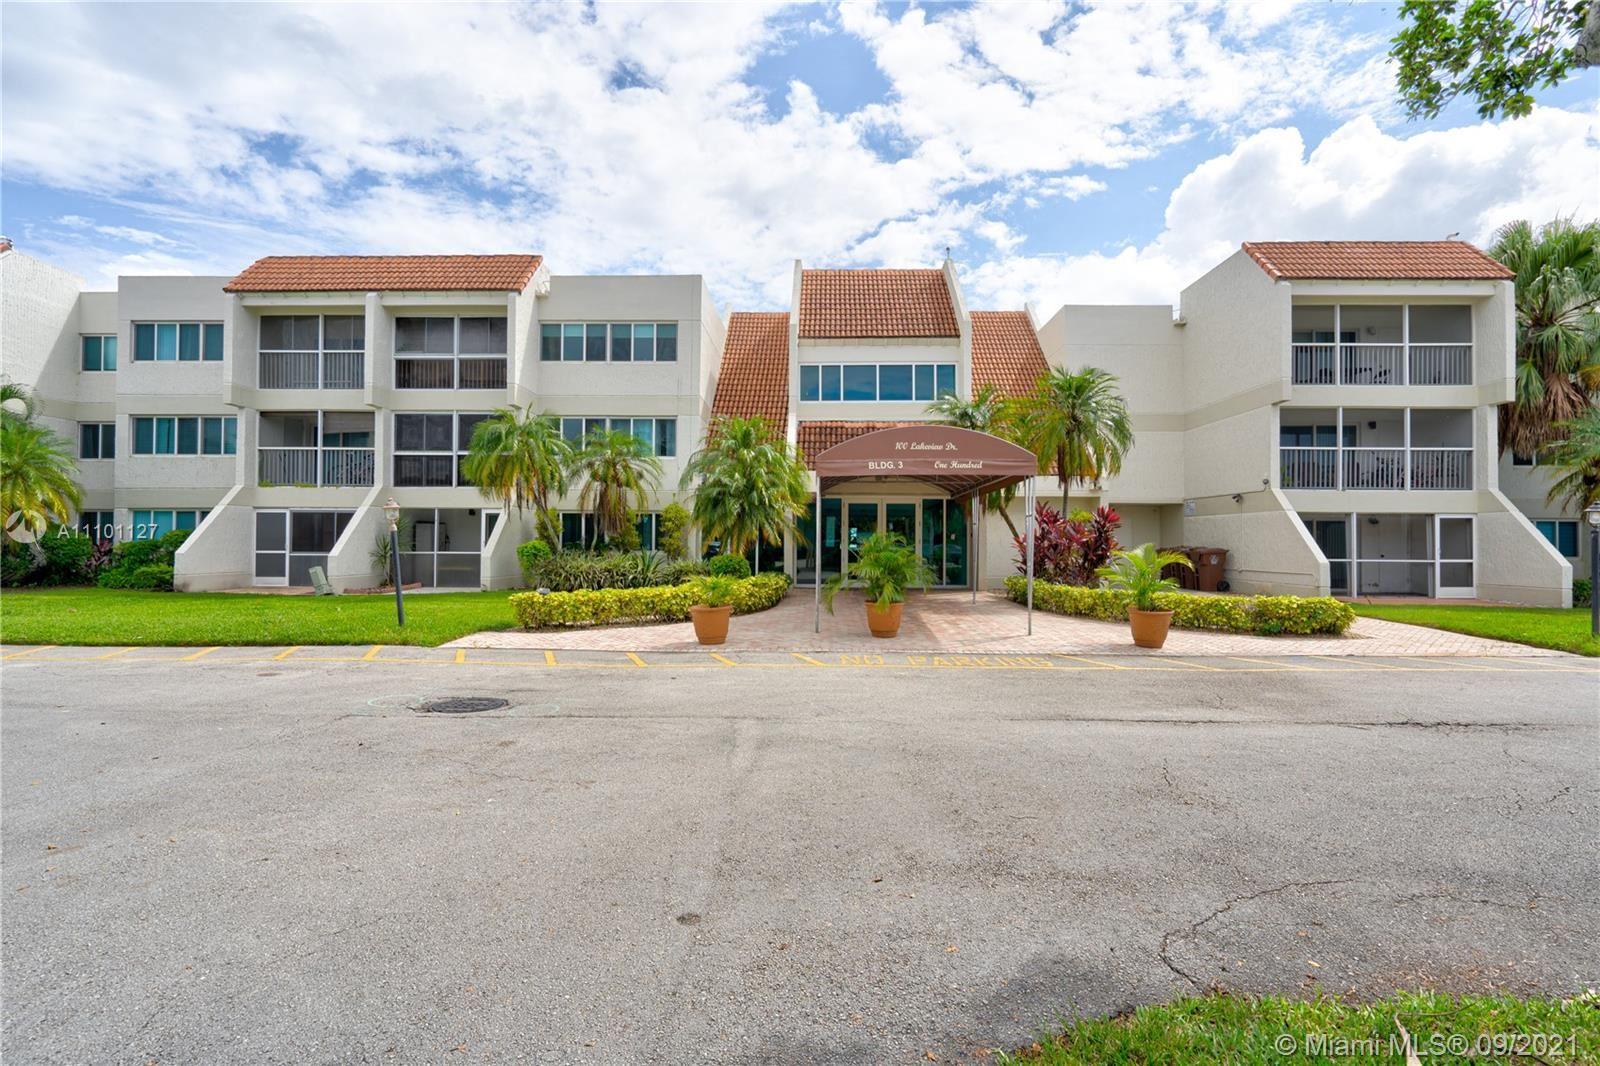 100 Lakeview Dr #216, Weston, FL 33326 - #: A11101127